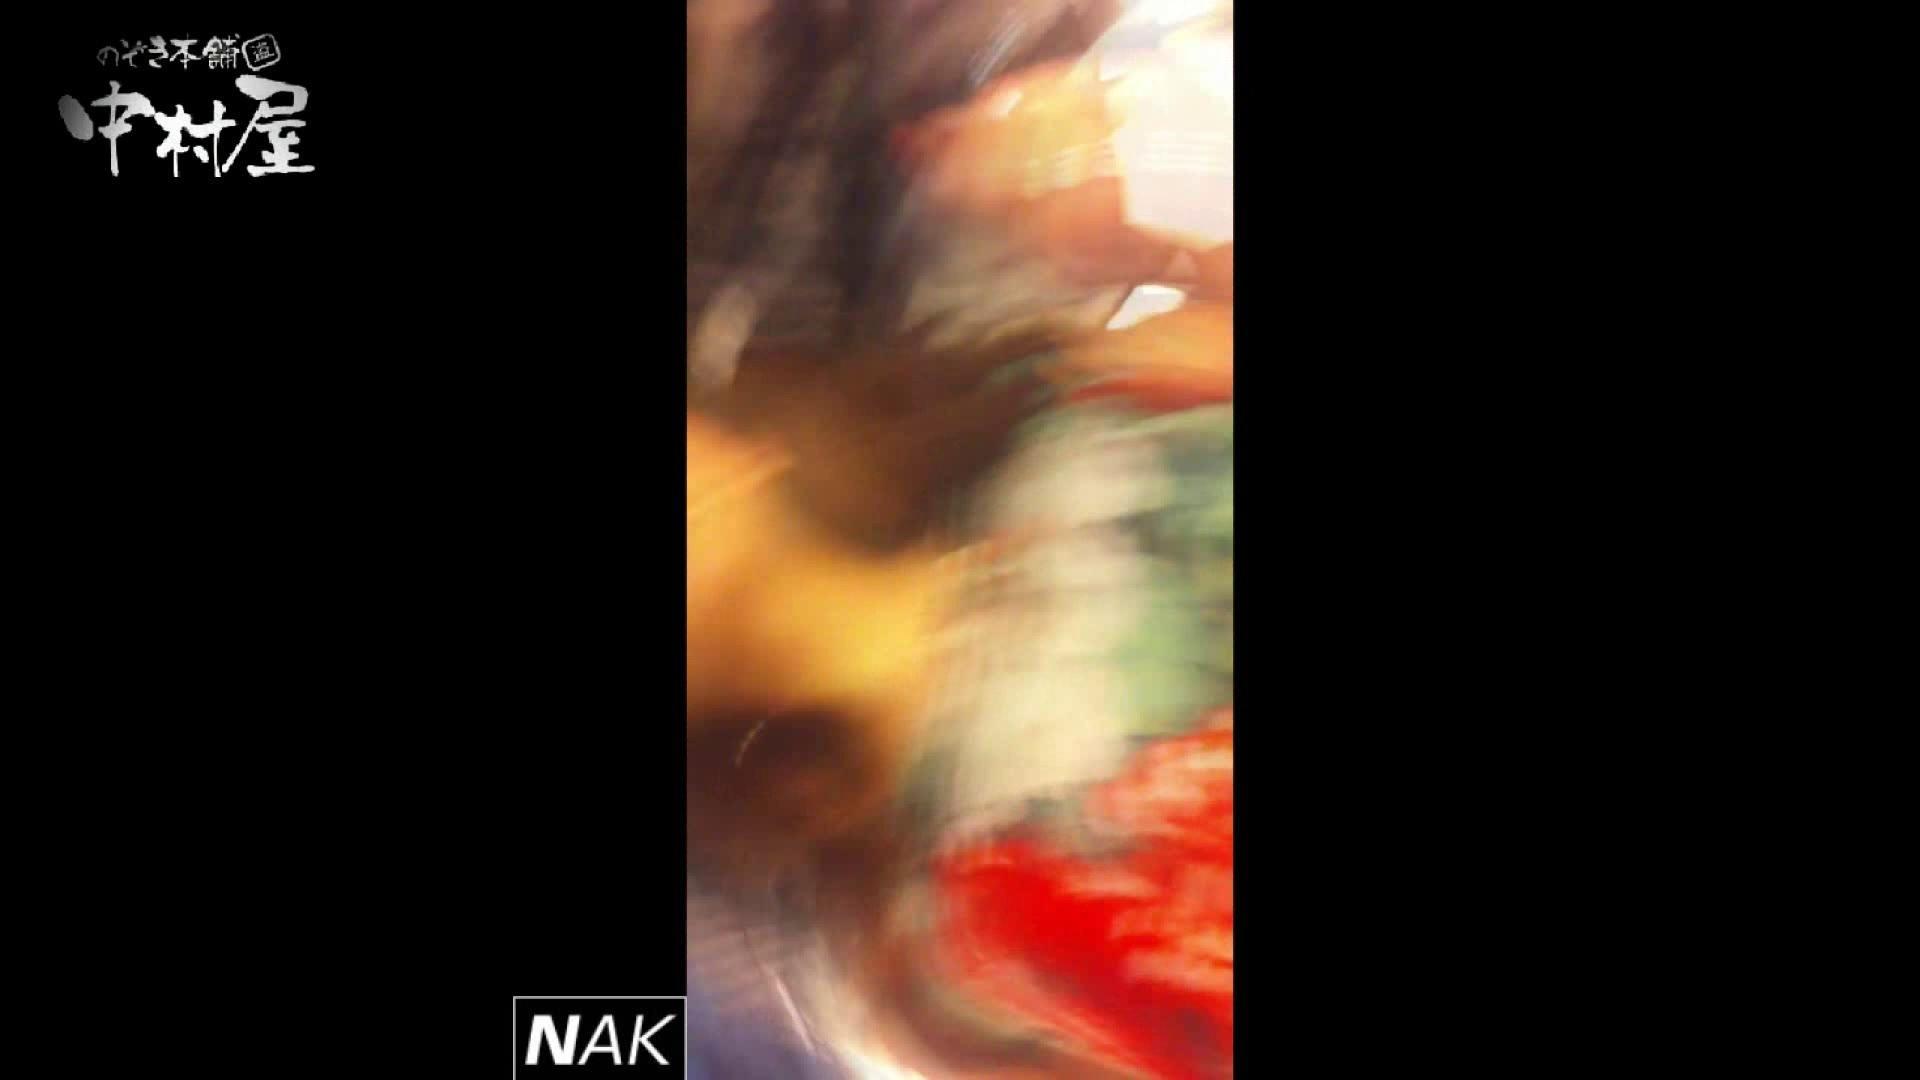 ハイビジョン盗撮!ショップ店員千人斬り!パンチラ編 vol.40 パンチラ AV無料動画キャプチャ 90PIX 81